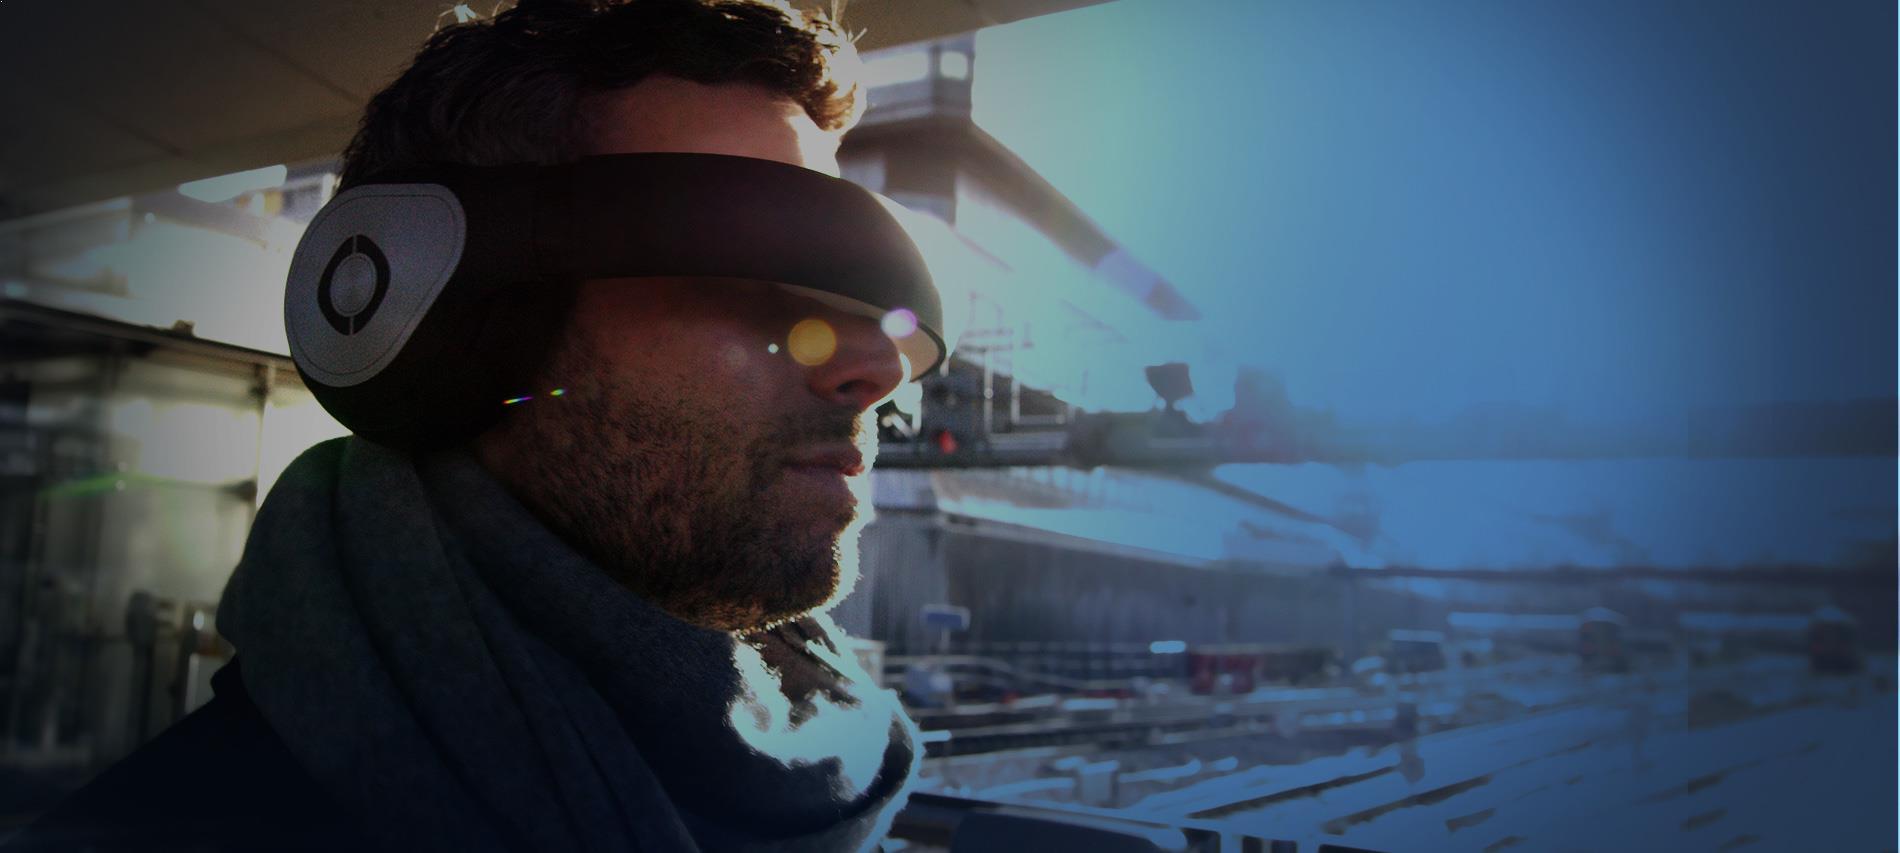 Le casque hybride Glyph de Avegant lève 24 millions de dollars pour son développement